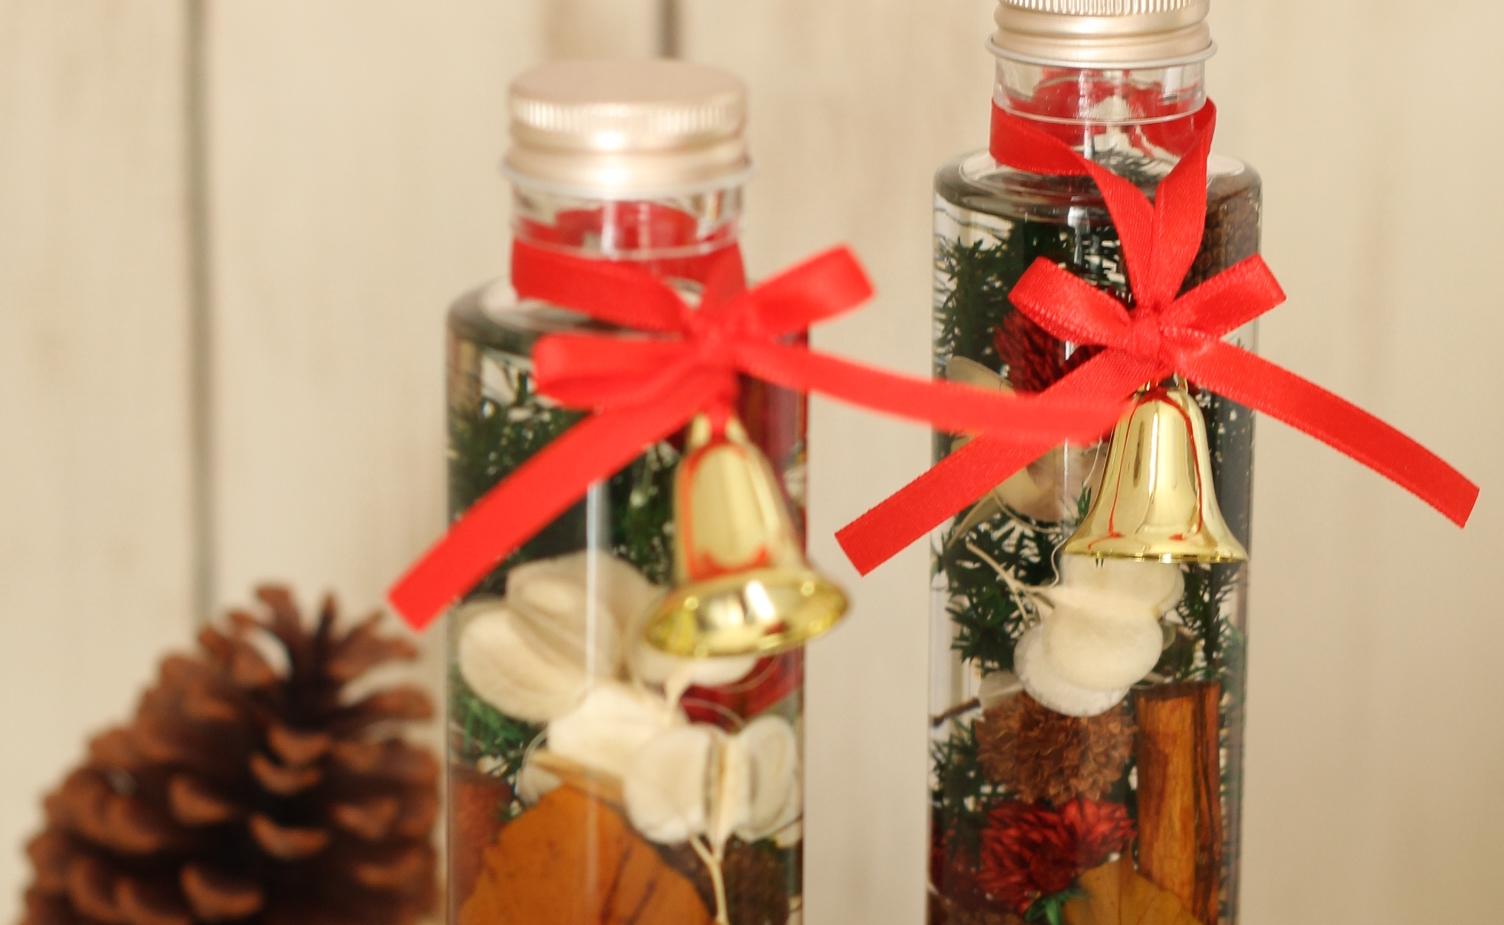 クリスマスハーバリウム、丸広百貨店川越店で販売中です